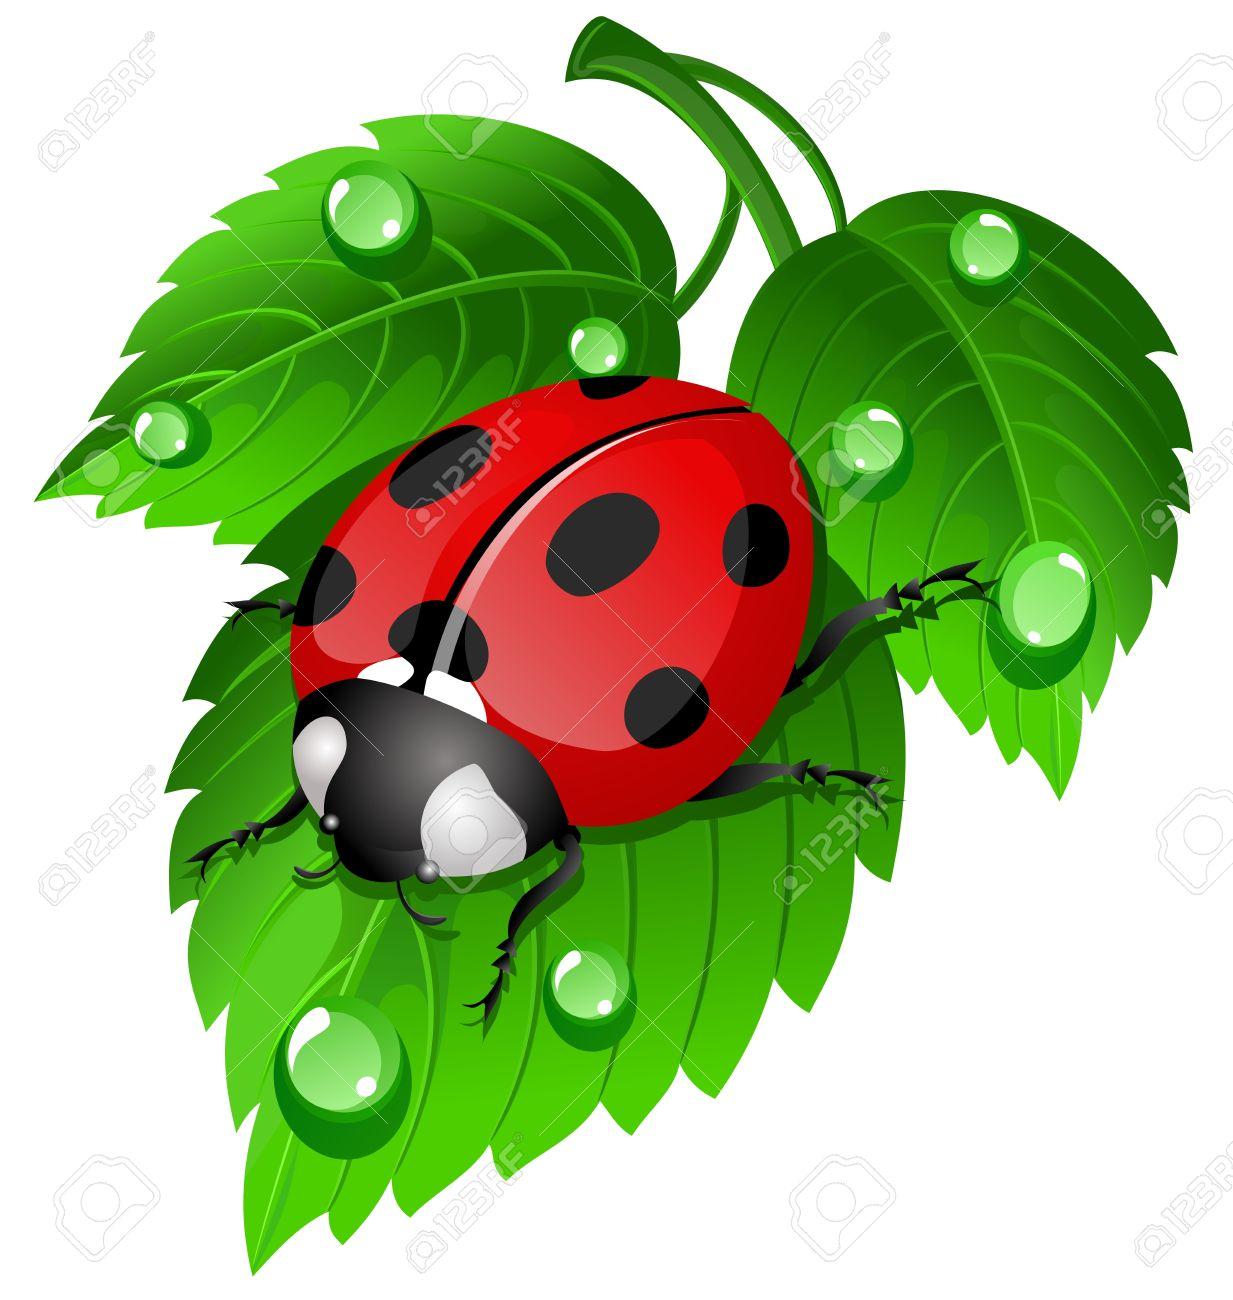 ladybug on leaf.